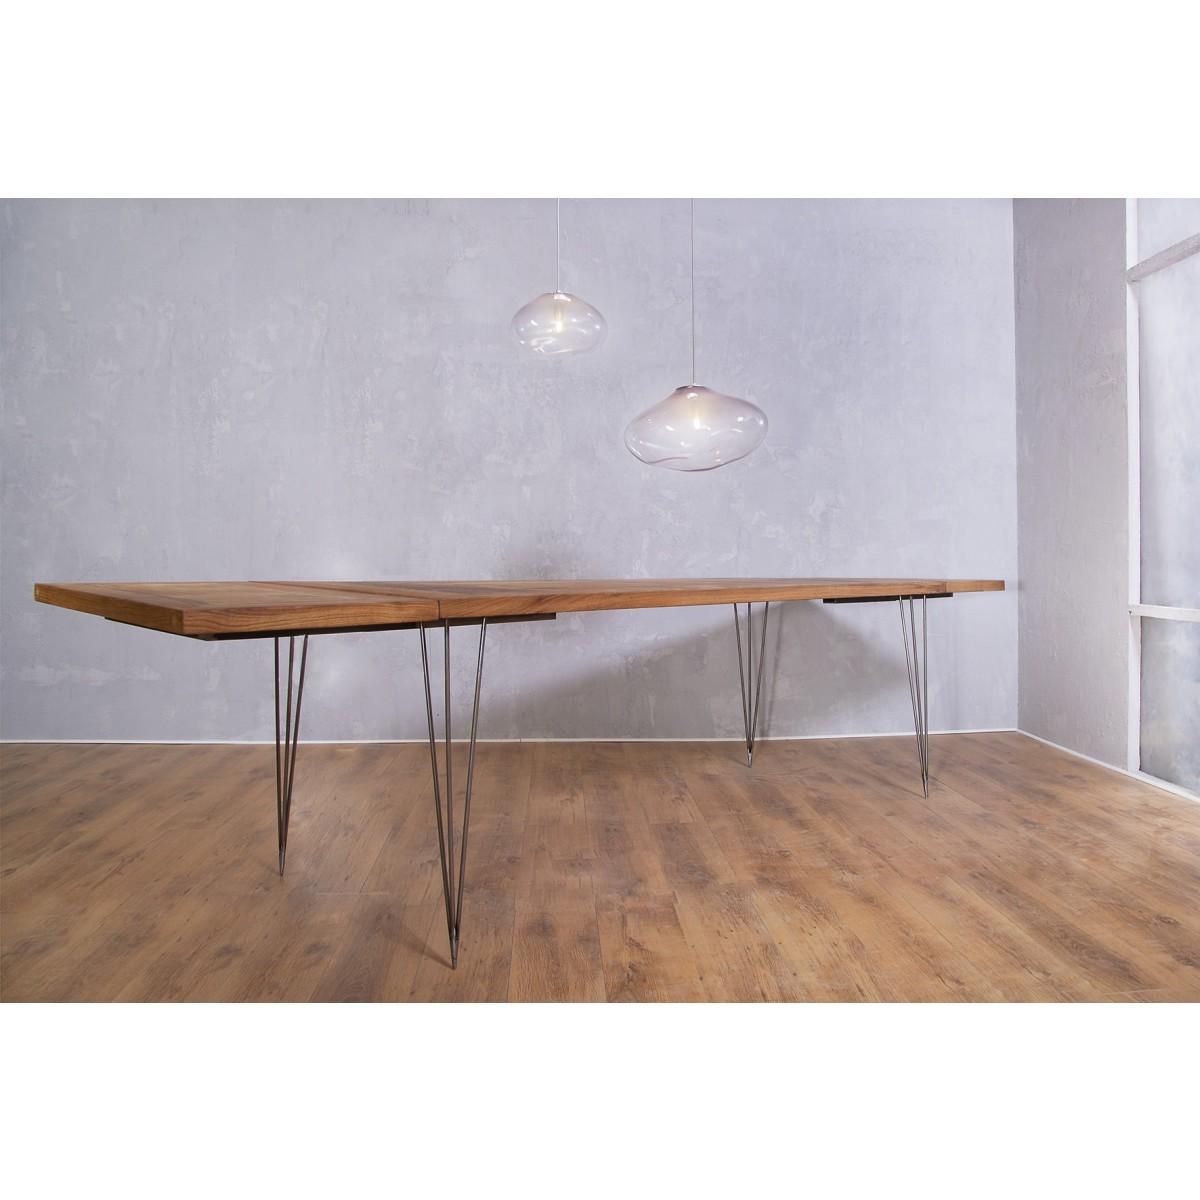 FraaiBerlin Esstisch aus Altholz Eiche & Eisen Vrolijk 210 x 90 cm mit 2 Ansteckplatten à 50cm